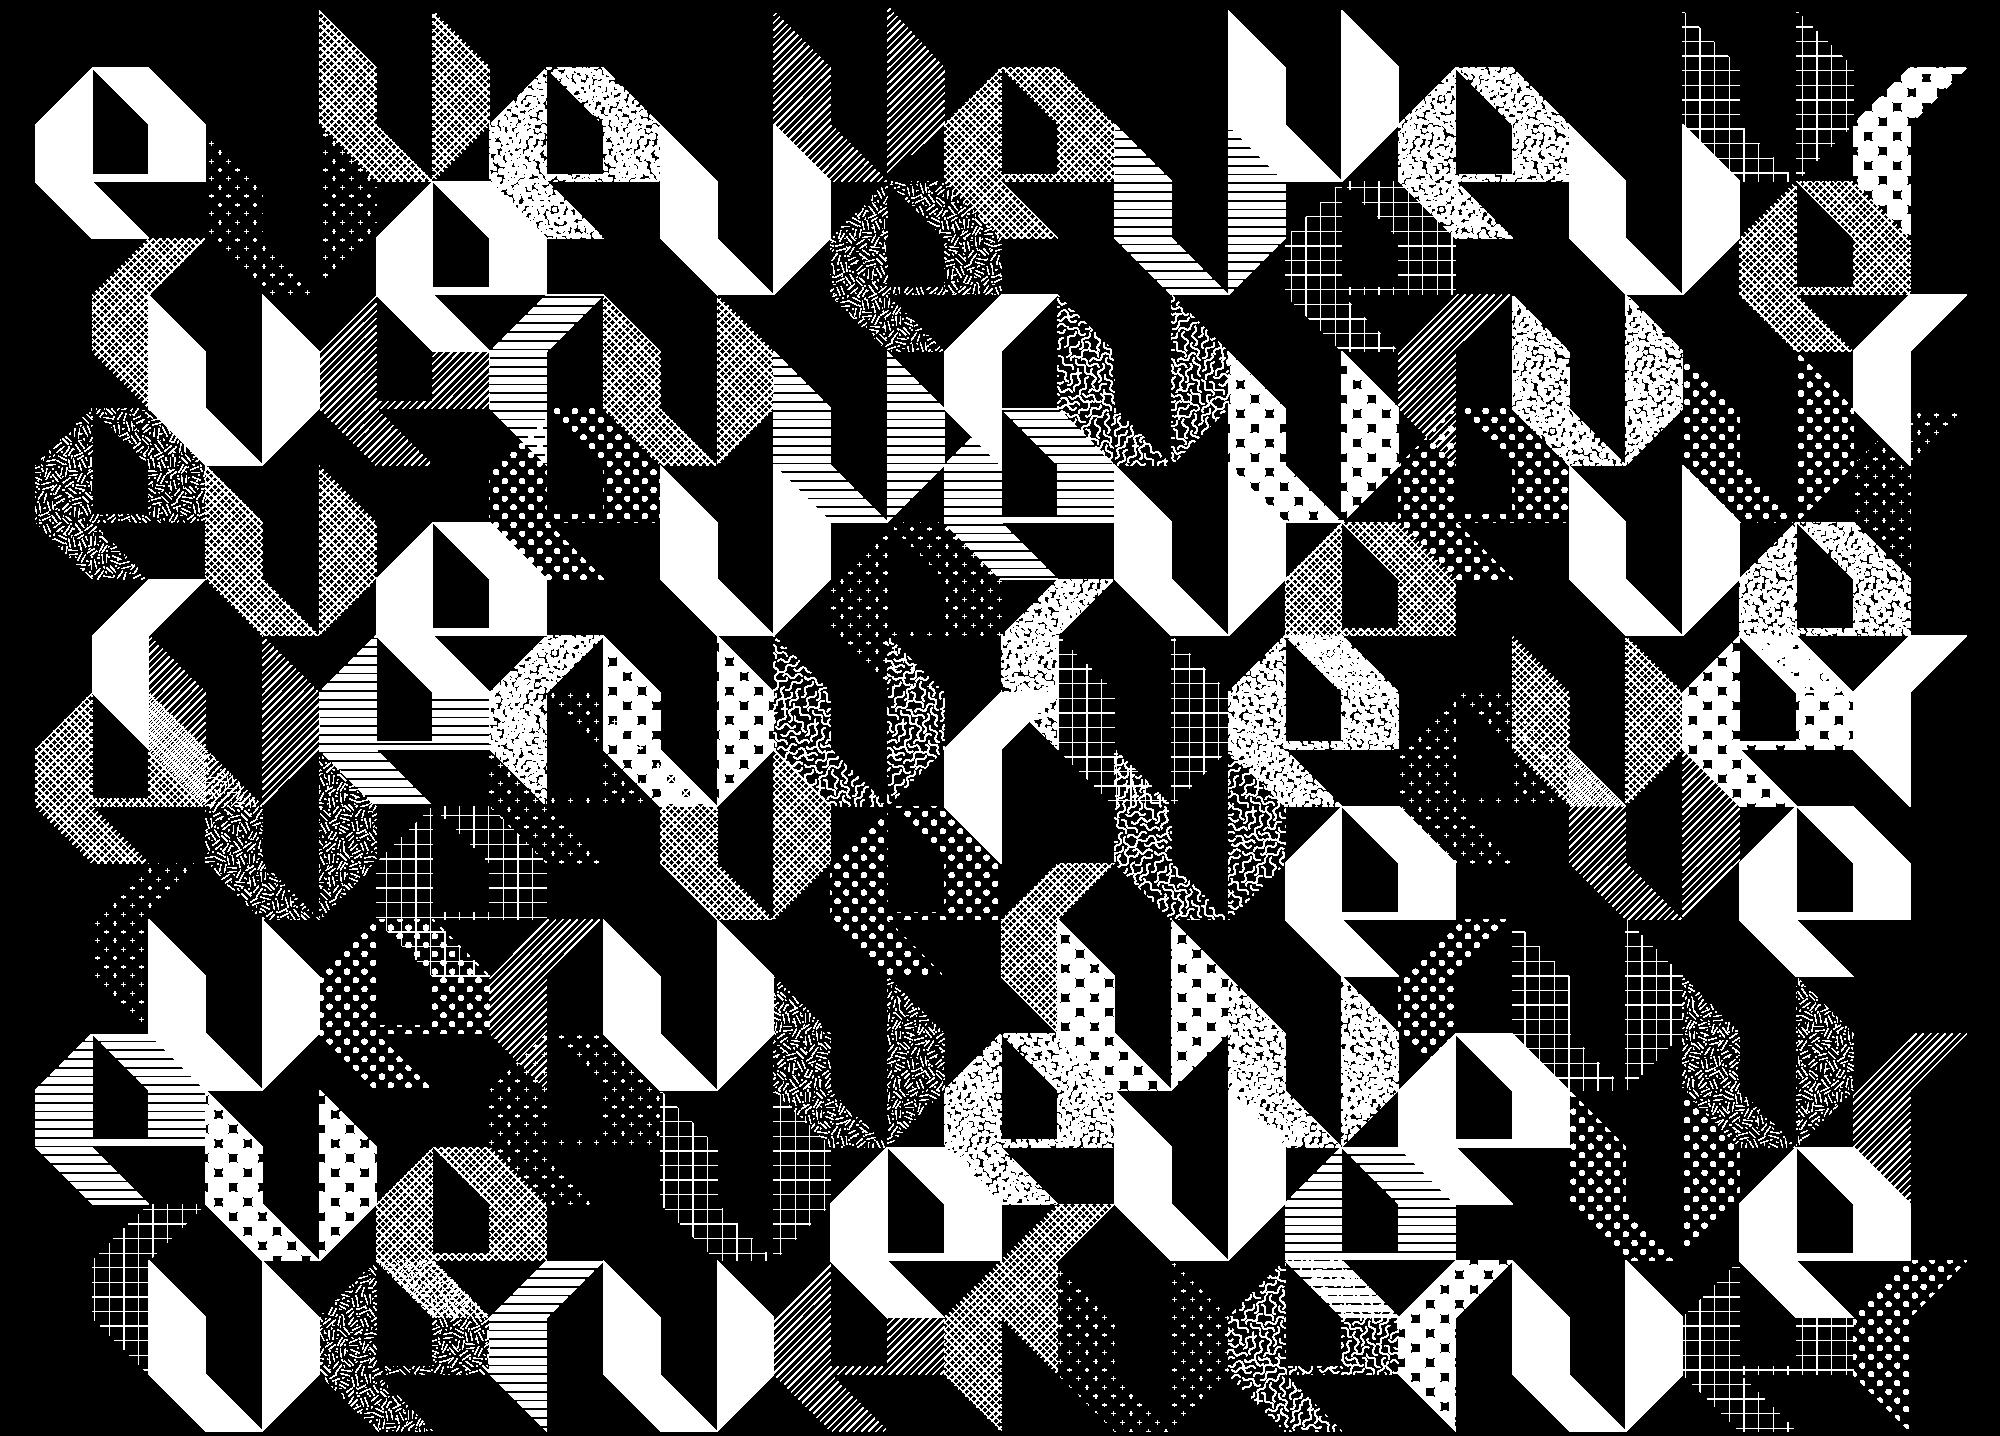 Verve-Graphic-1